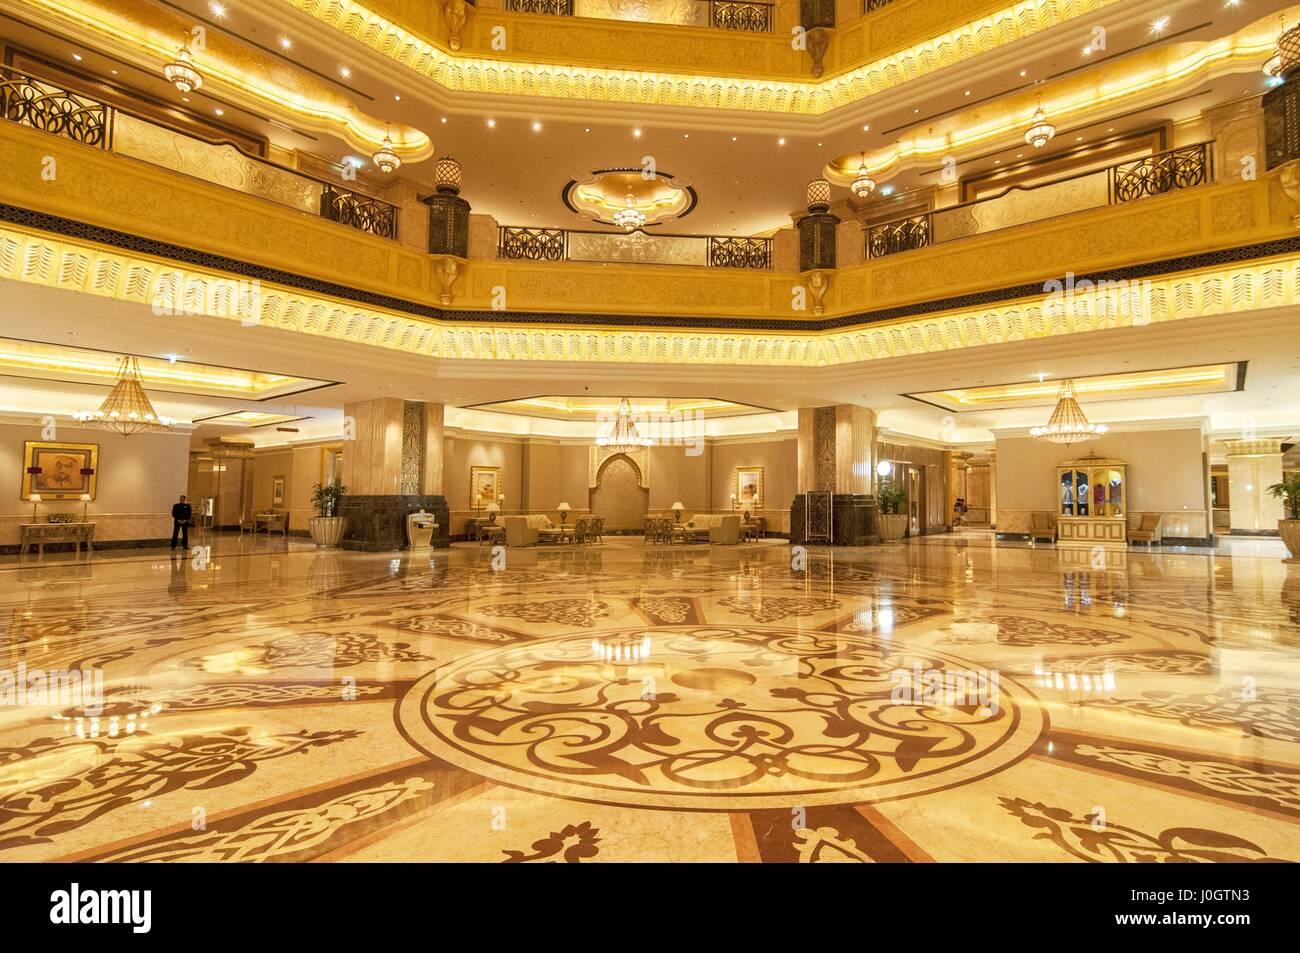 Saal Dekoration Im Emirates Palace Hotel Ein Luxuriöses Und Die